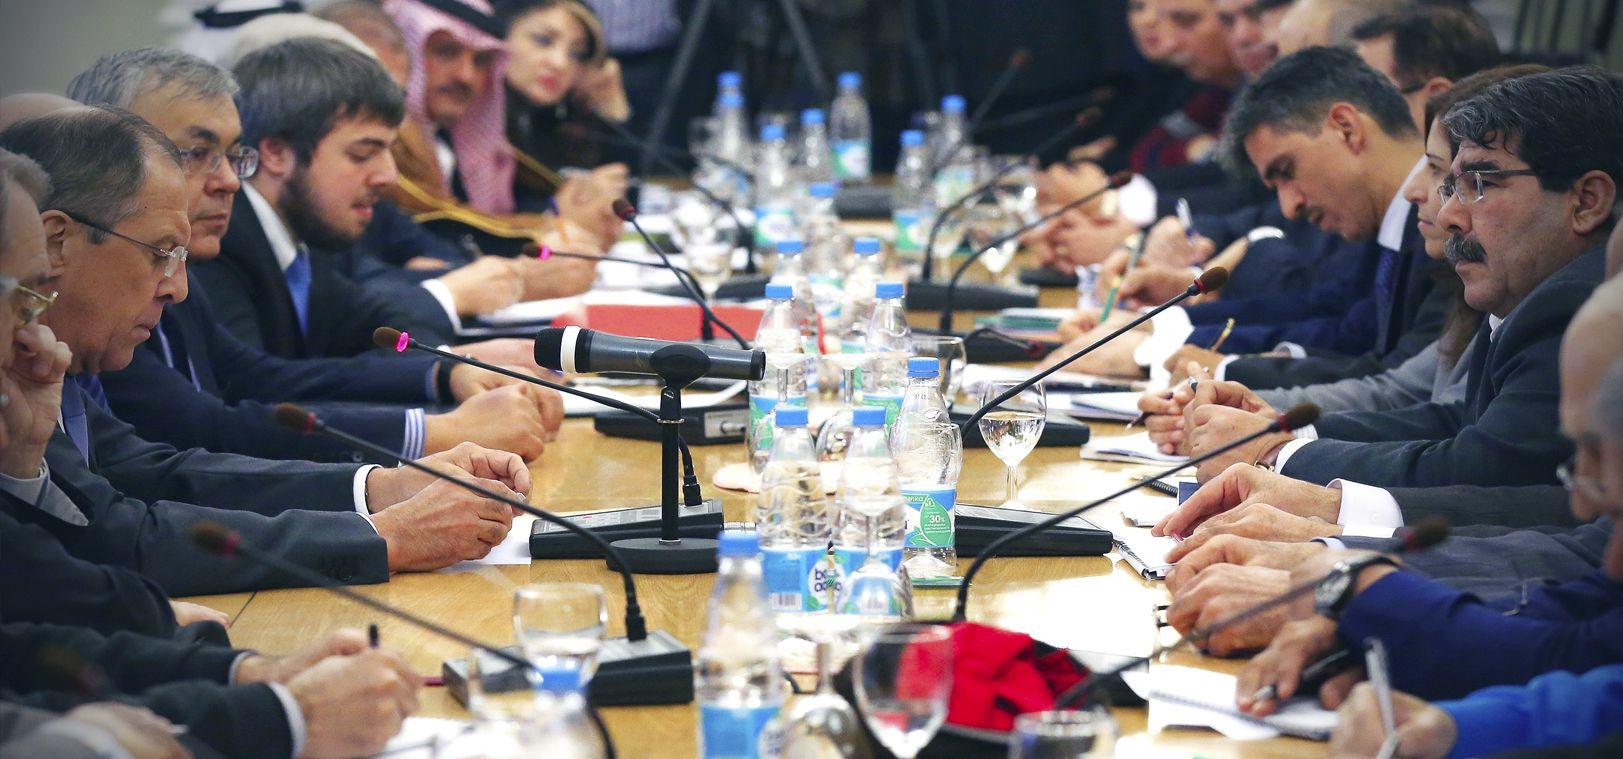 Azeri Sahar Tv | В Москве завершились консультации представителей сирийской оппозиции и правительства Сирии |